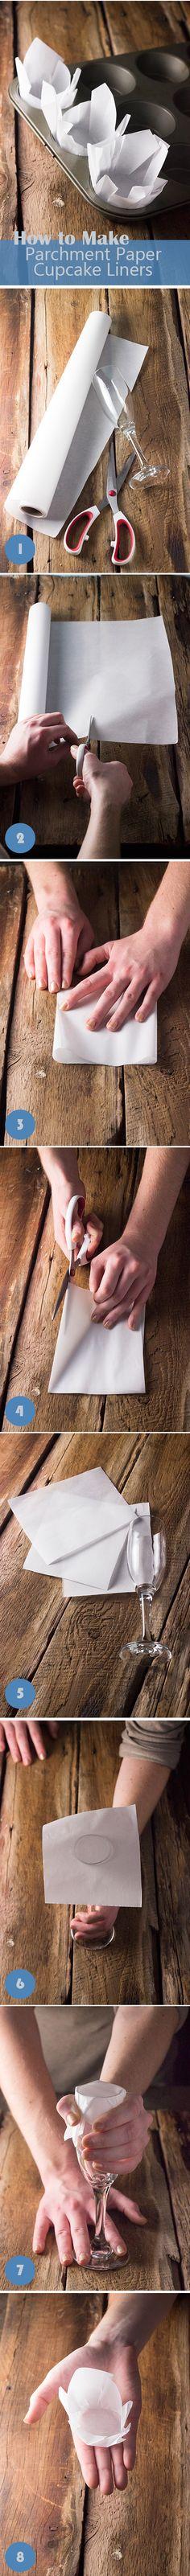 Tutorial de cómo hacer tulipas de papel en casa.